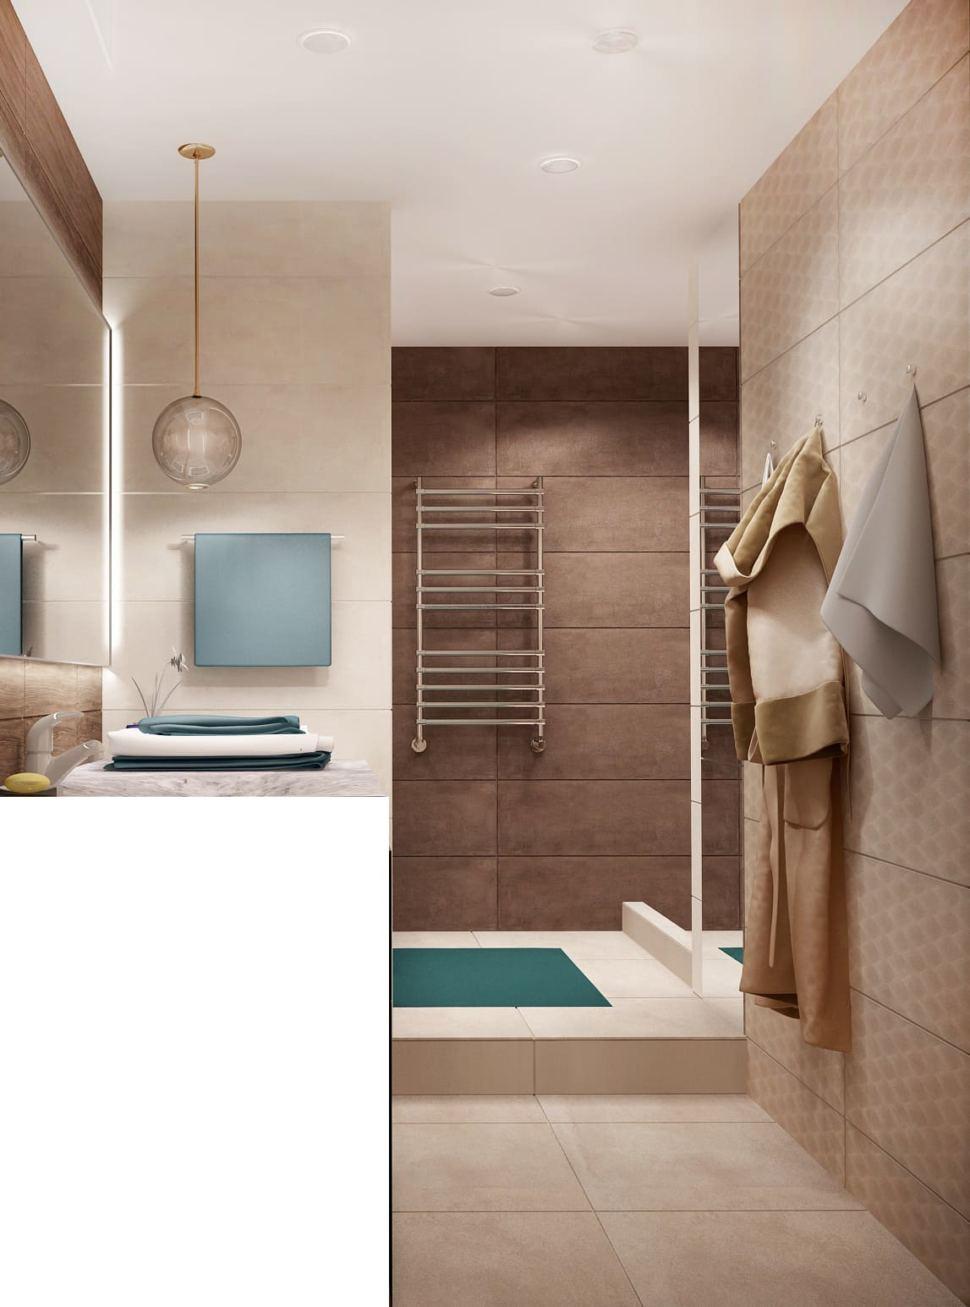 Проект ванной комнаты в бежевых тонах 7 кв.м, раковина, зеркало, подвесной светильник, плитка, вешалка, светильники